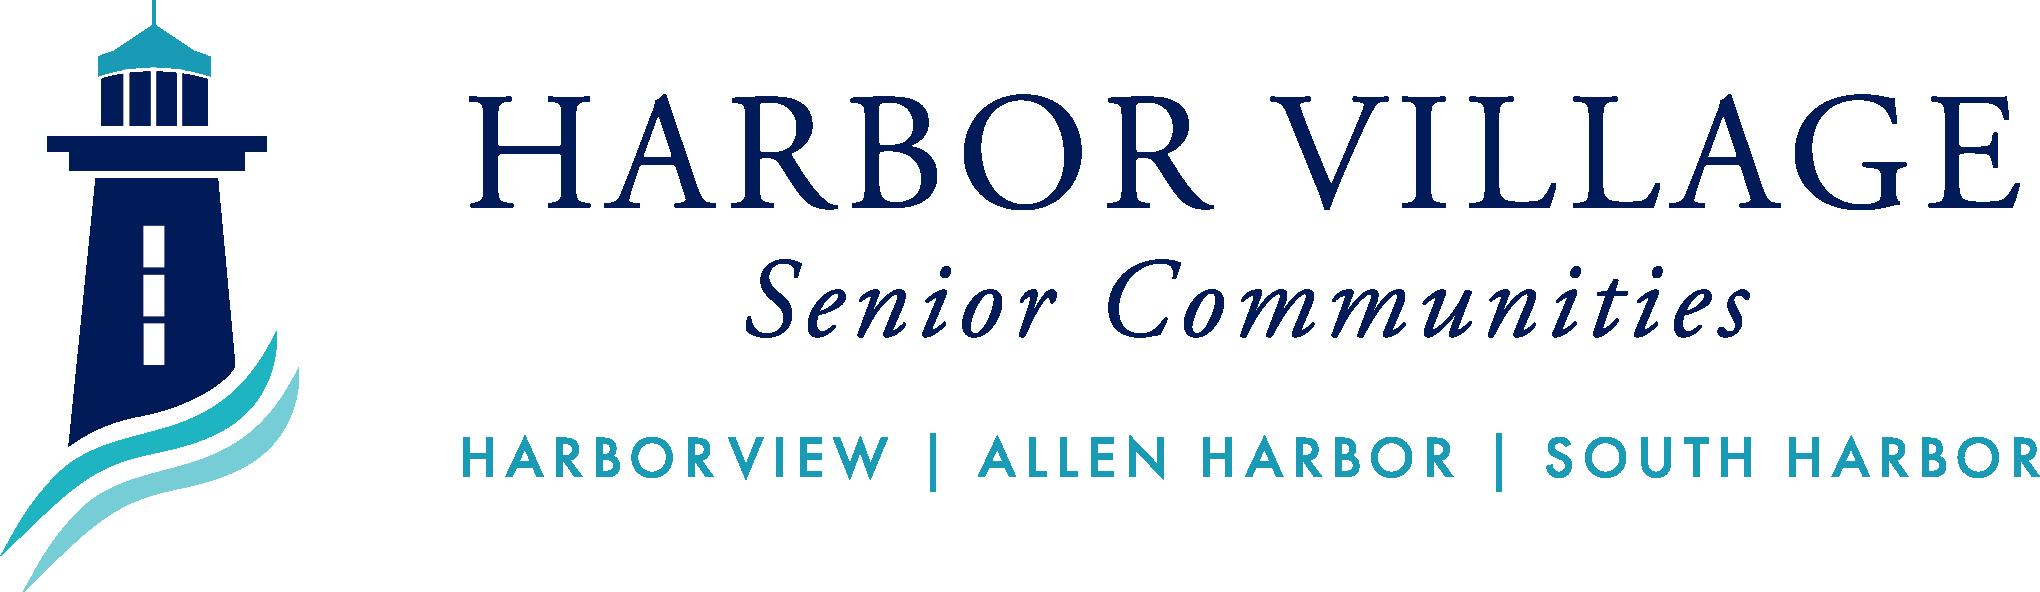 Harbor Village Senior Communities Logo